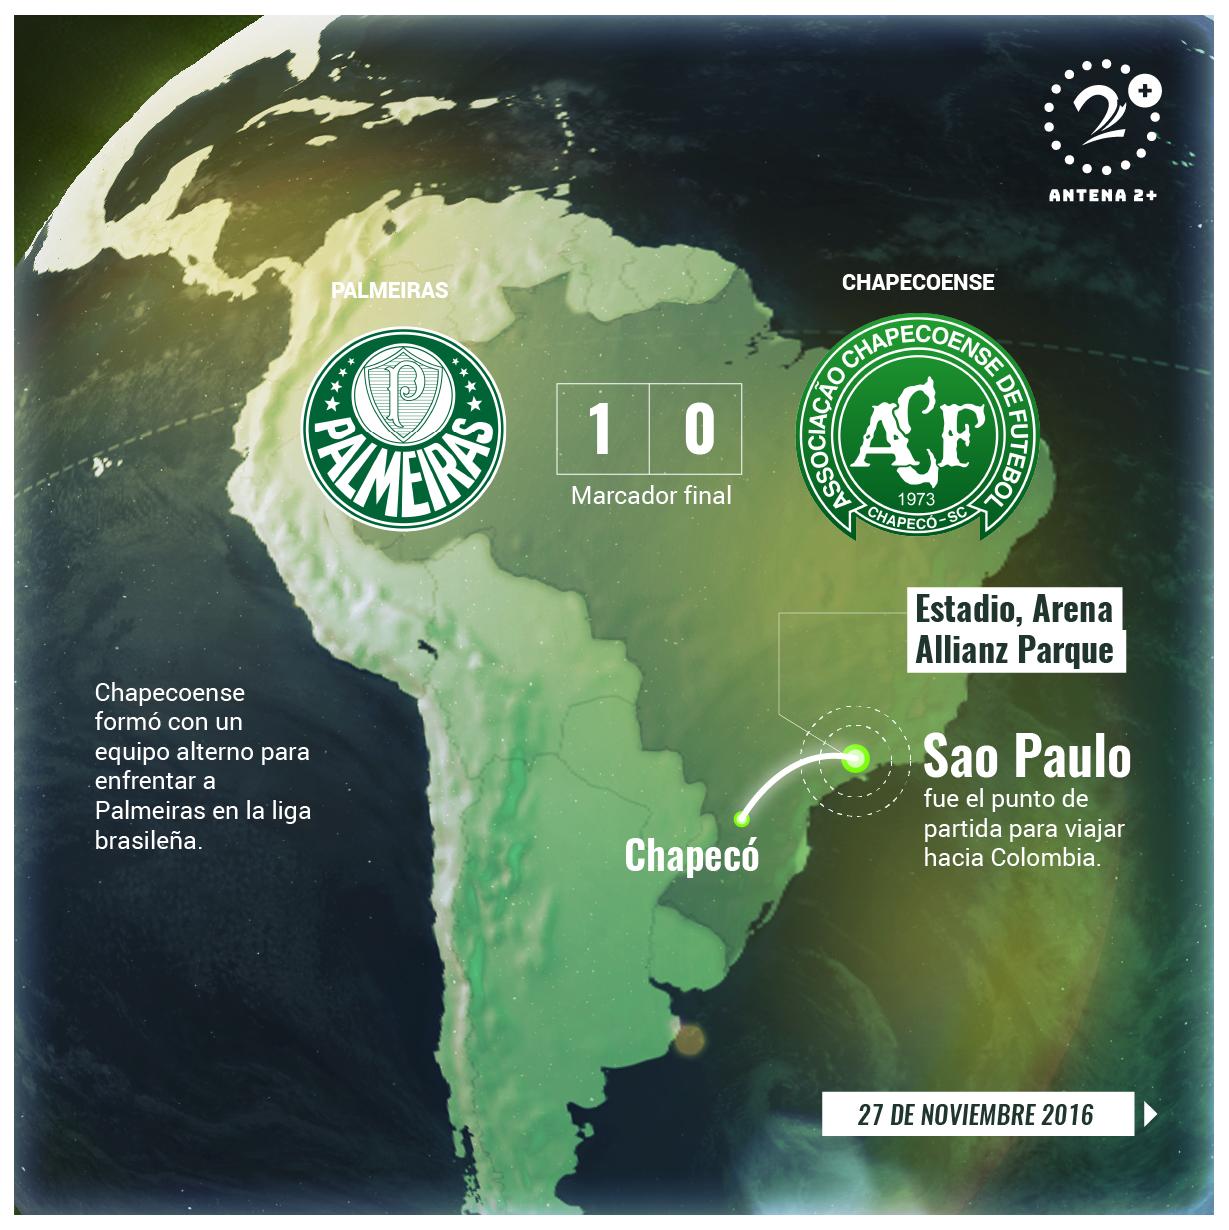 Chapecoense viajó a Sao Paulo, para enfrentar a Palmeiras por la liga brasileña